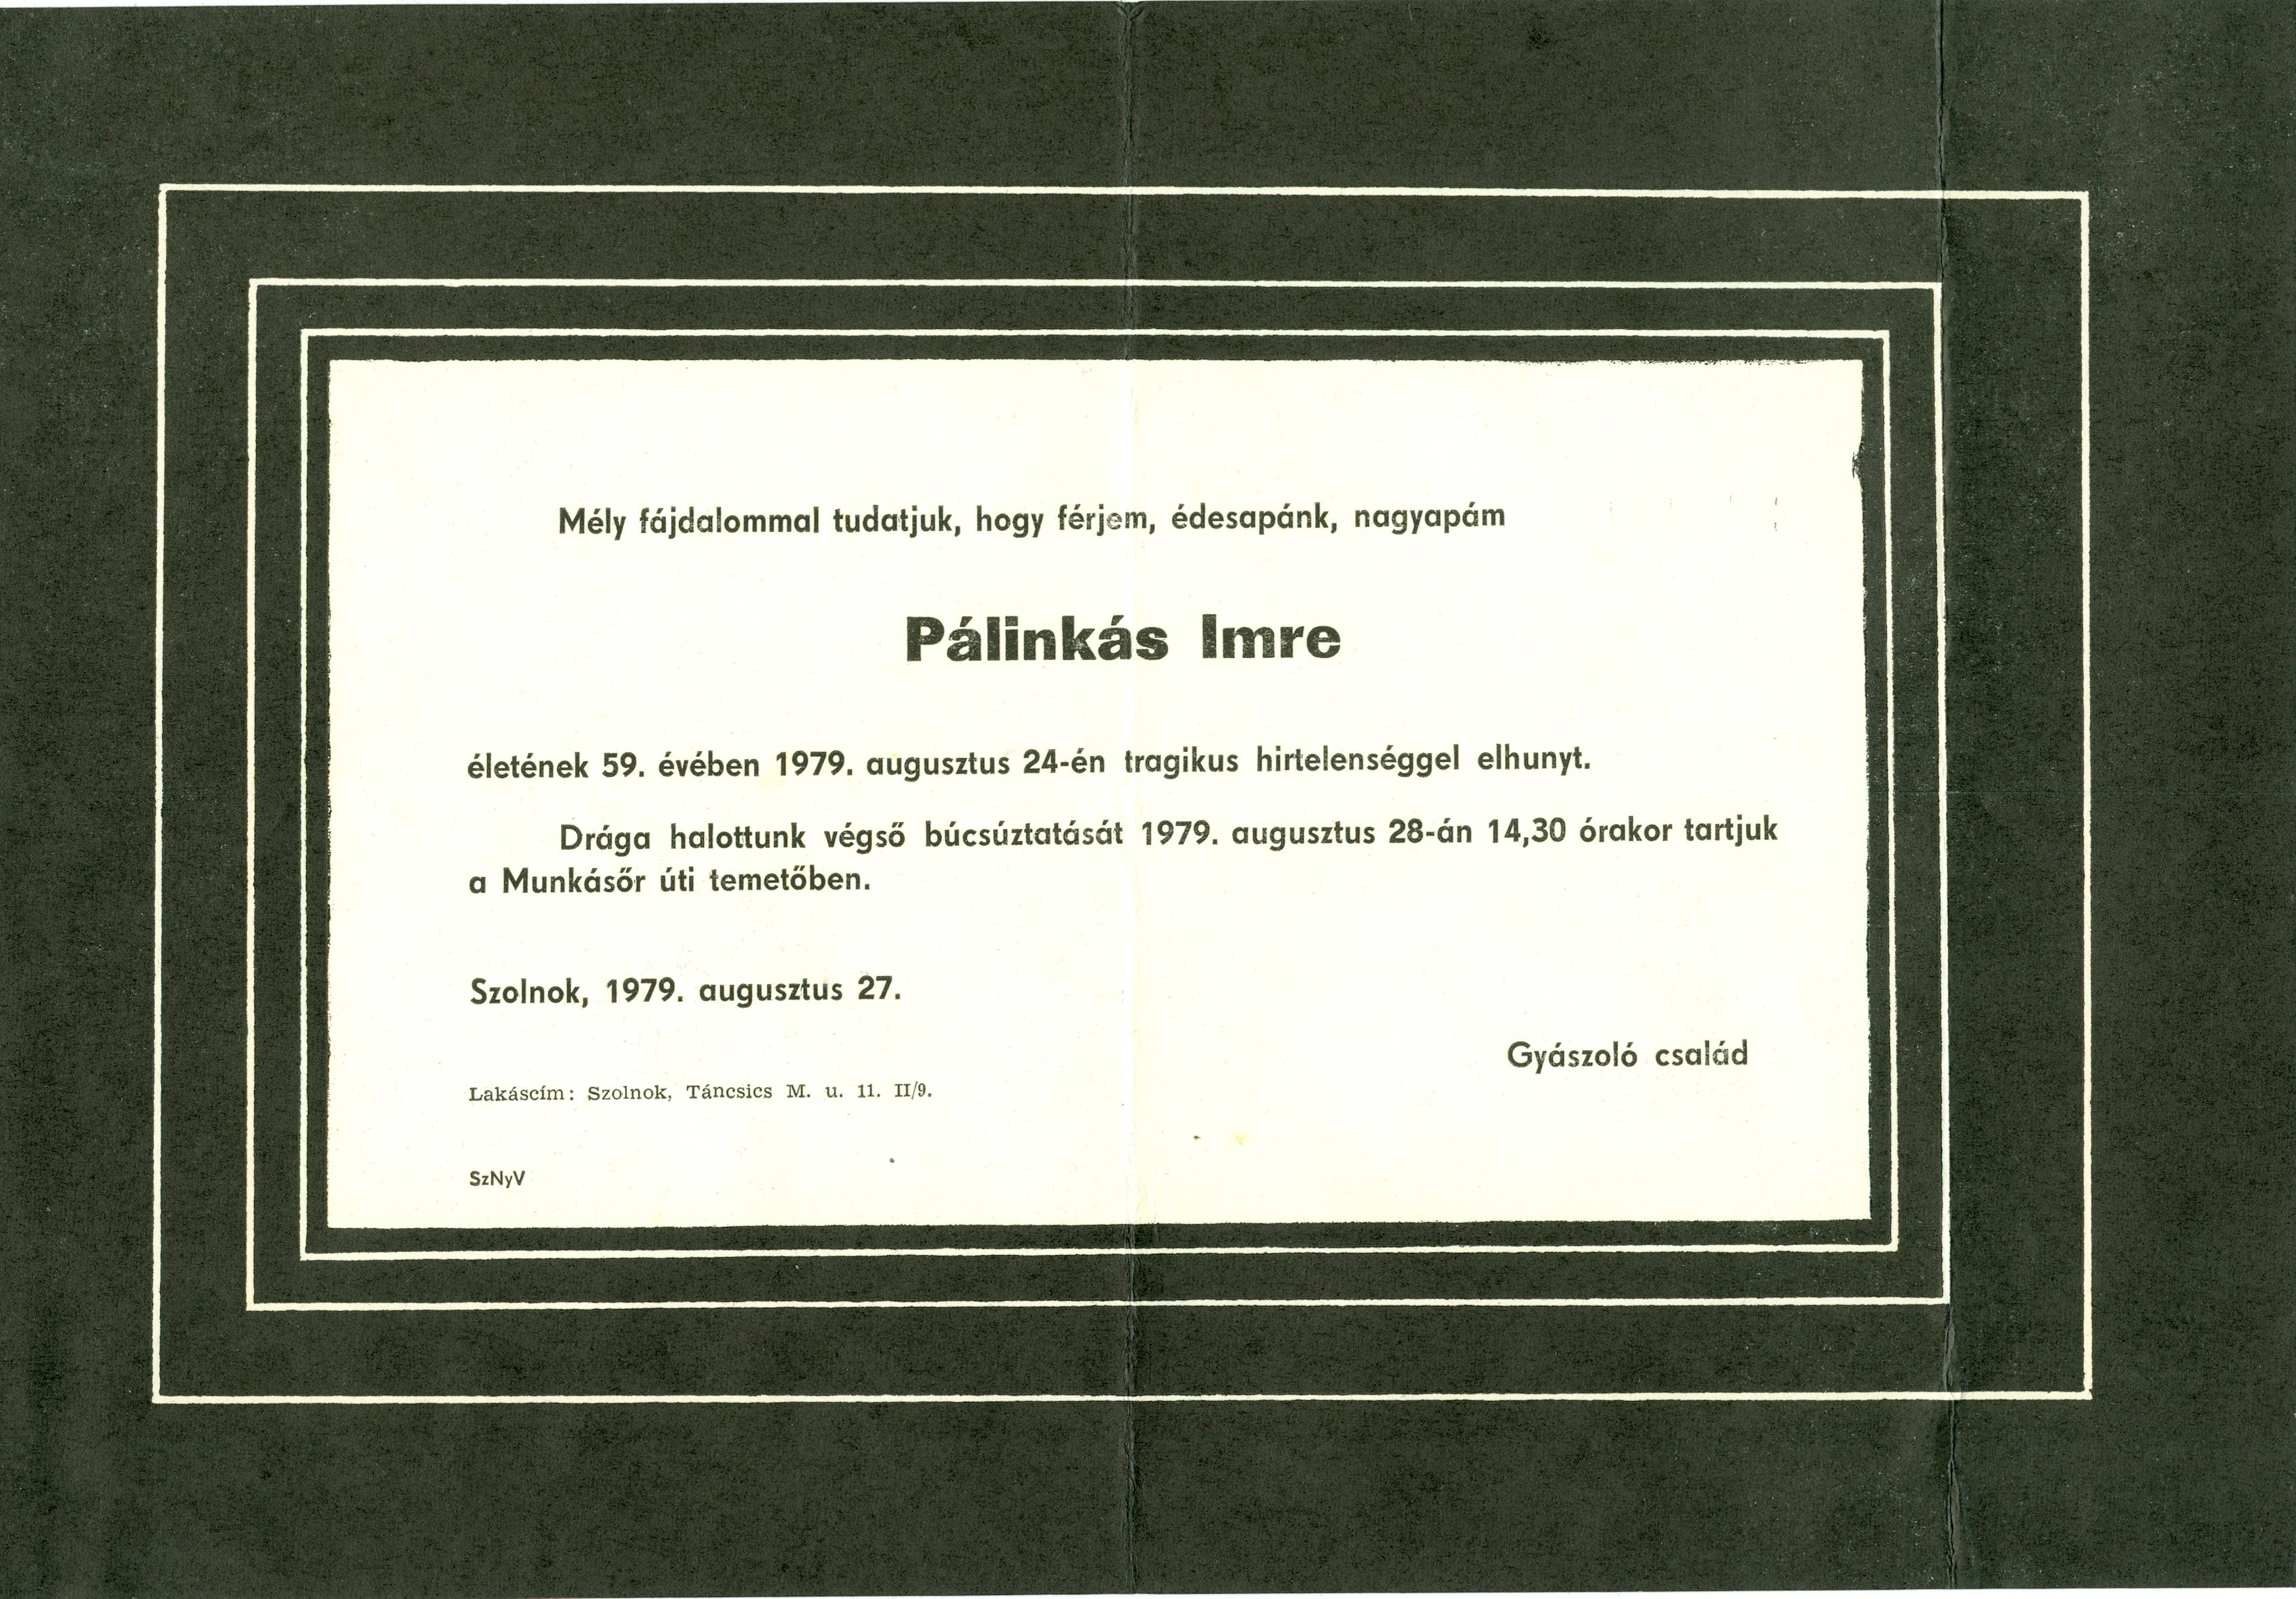 Pálinkás Imre